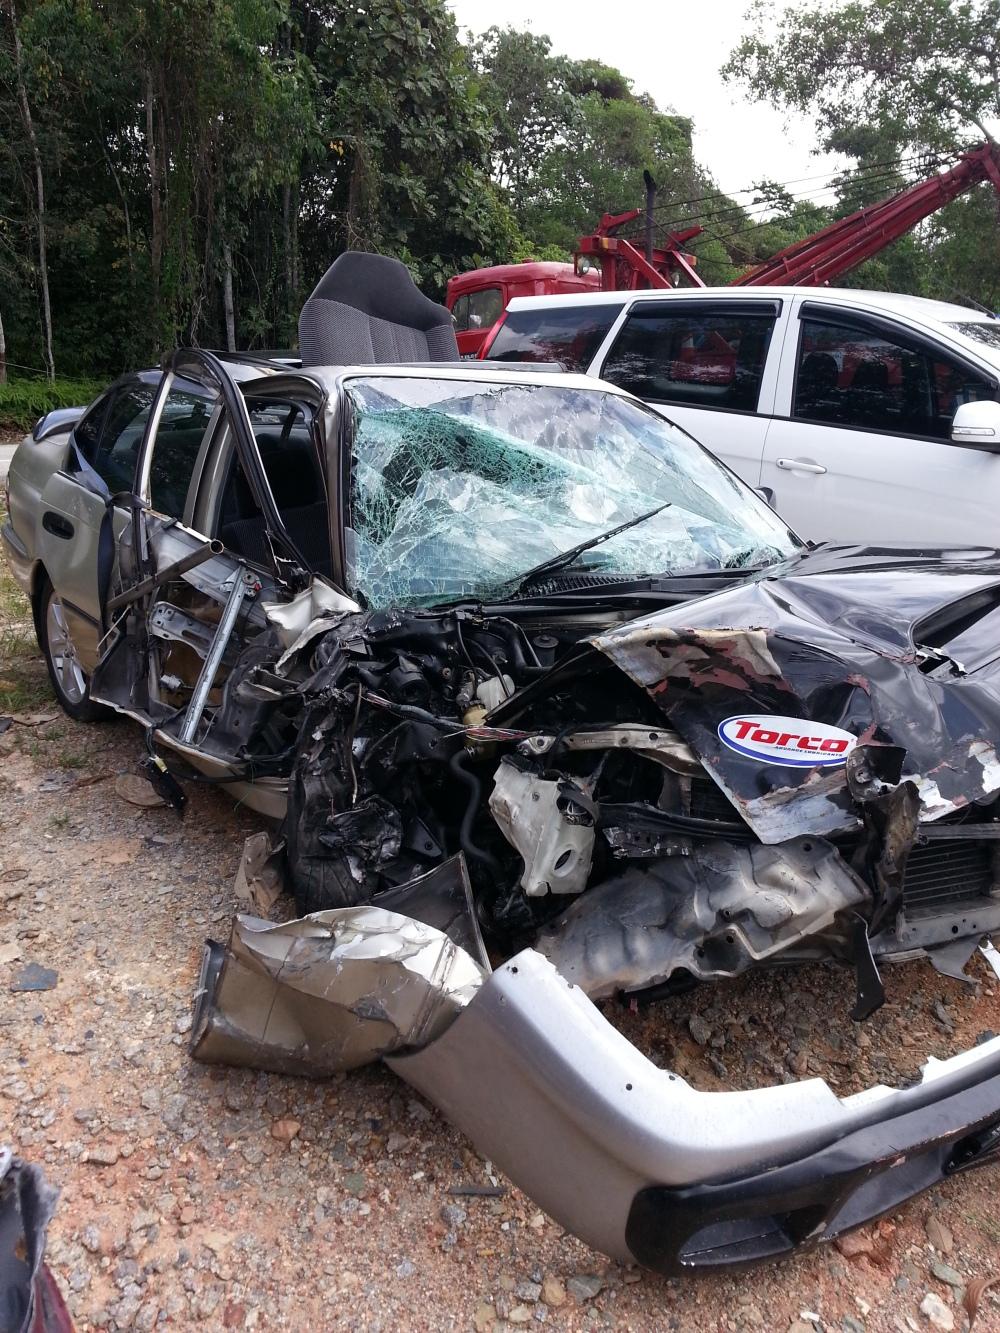 Ni lah keadaan kereta yang melanggar kereta kami masa CNY 2013. Alhamdulillah penumpang2 semua masih hidup, pemandu patah kedua pinggul. Kami anak beranak pula dengan kuasa Allah, alhamdulillah hanya bengkak2 sikit saja..